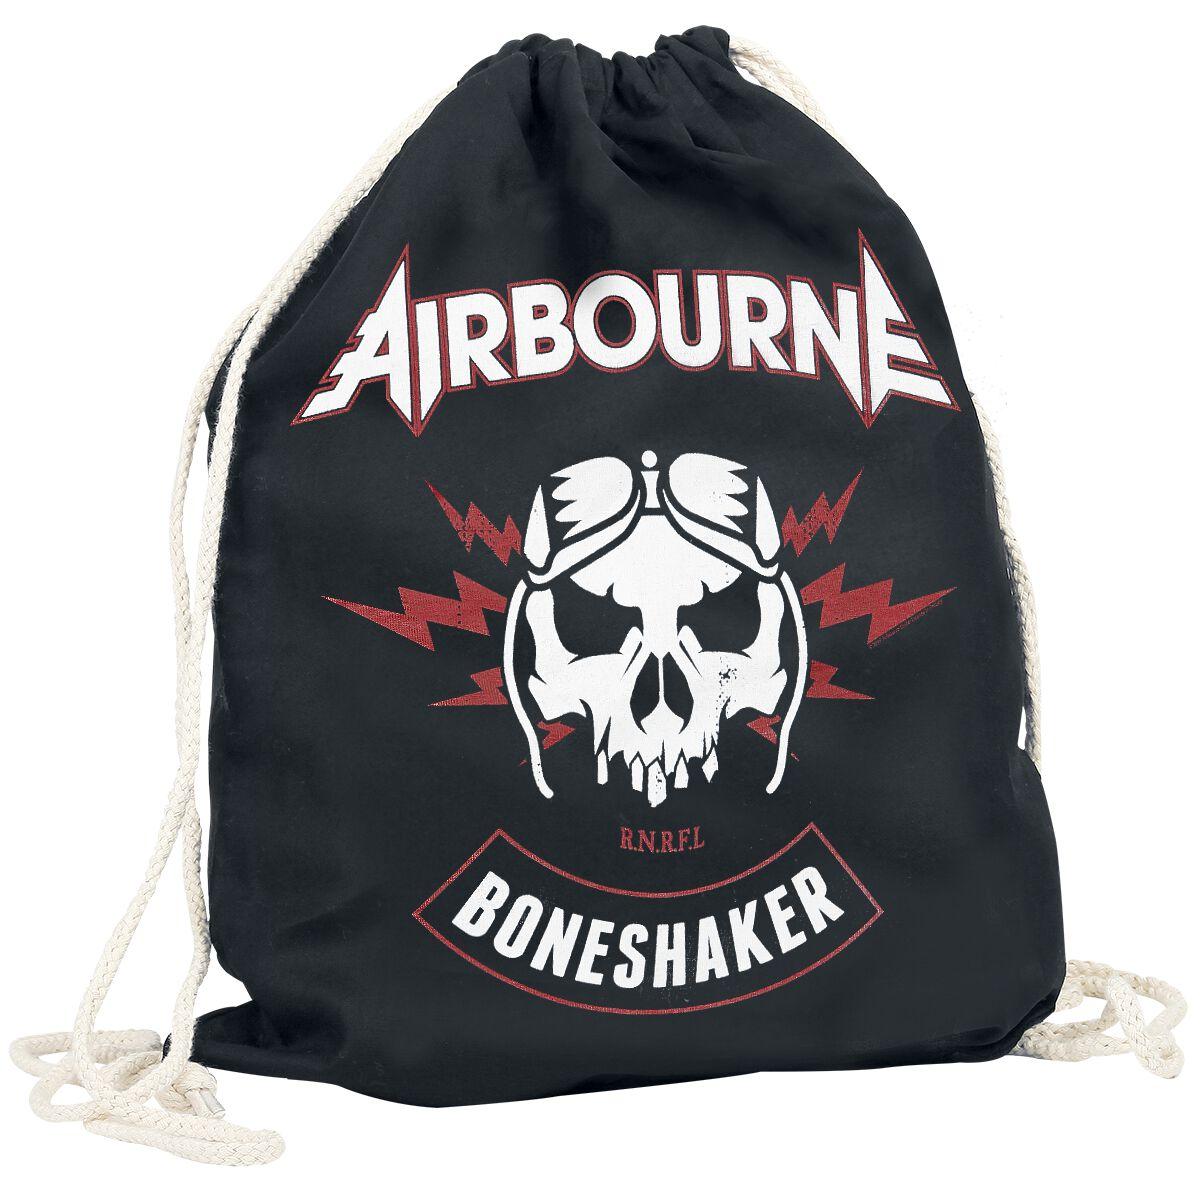 Sporttaschen - Airbourne Boneshaker Turnbeutel Turnbeutel schwarz  - Onlineshop EMP